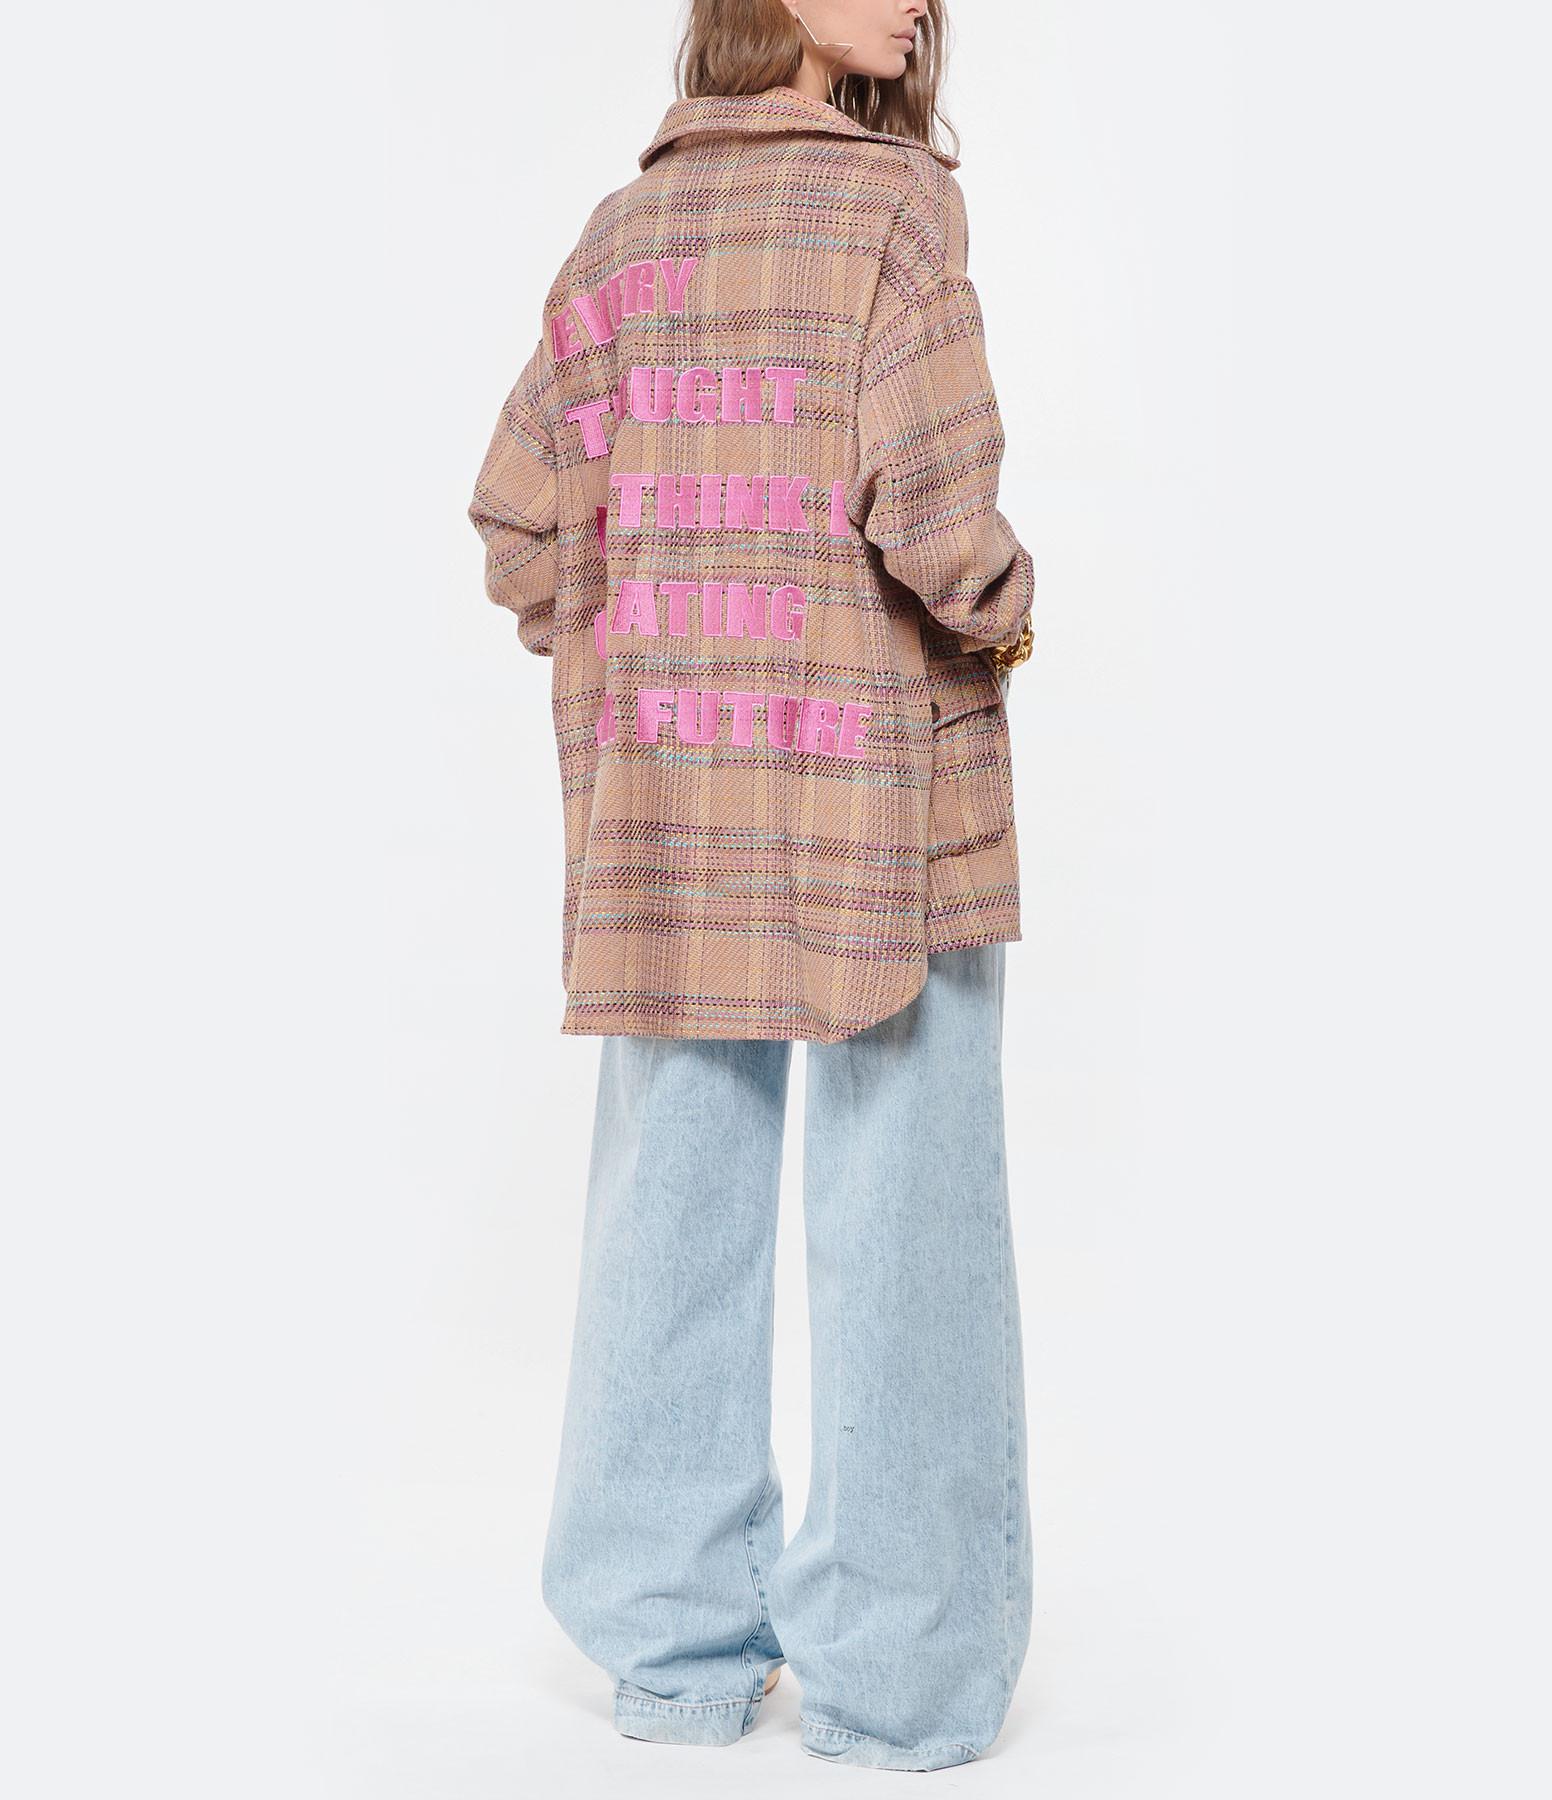 MAISON HAUSSMANN - Surchemise Tweed Flanelle Carreaux Multicolore